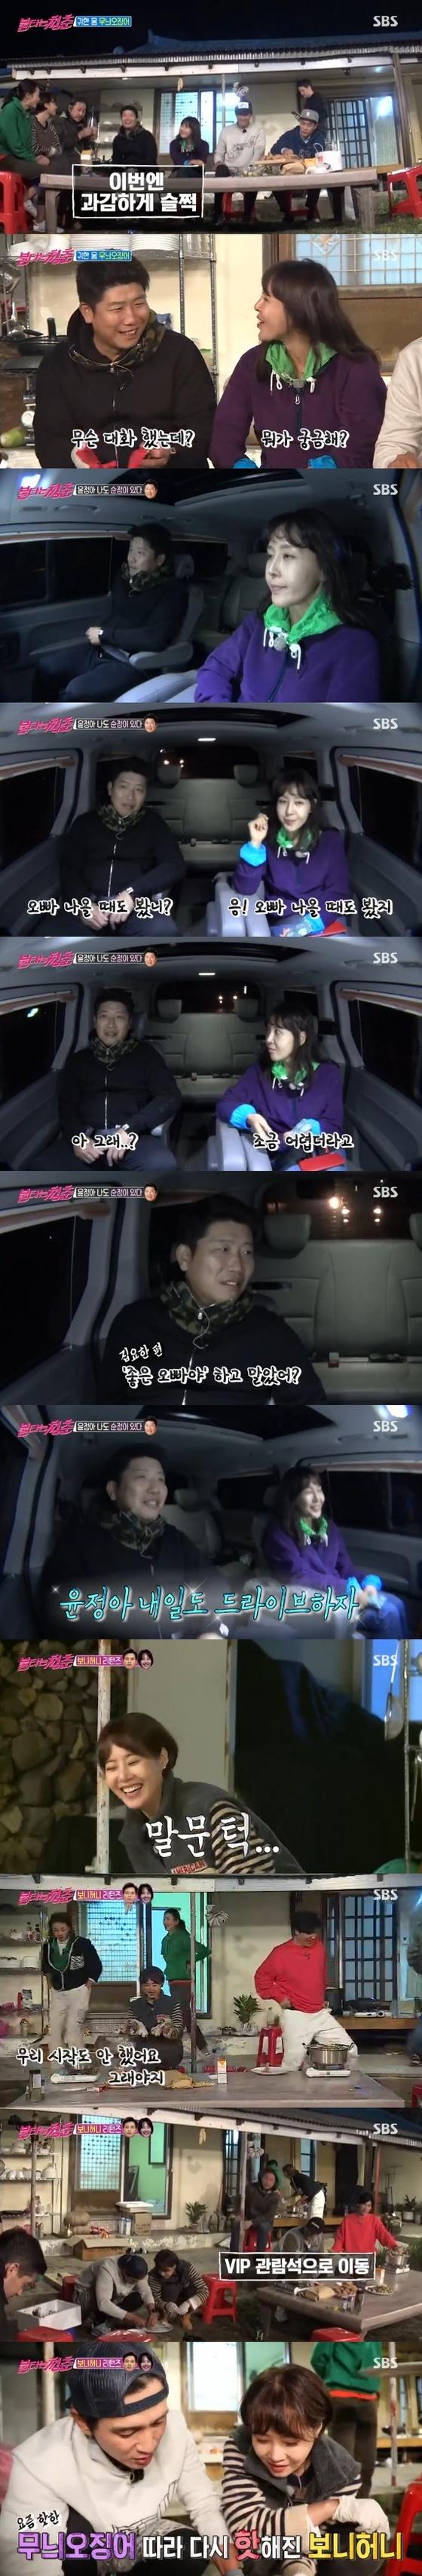 '불청' 박재홍x김윤정, 핑크빛 기류…보니허니 리턴즈♥(종합)